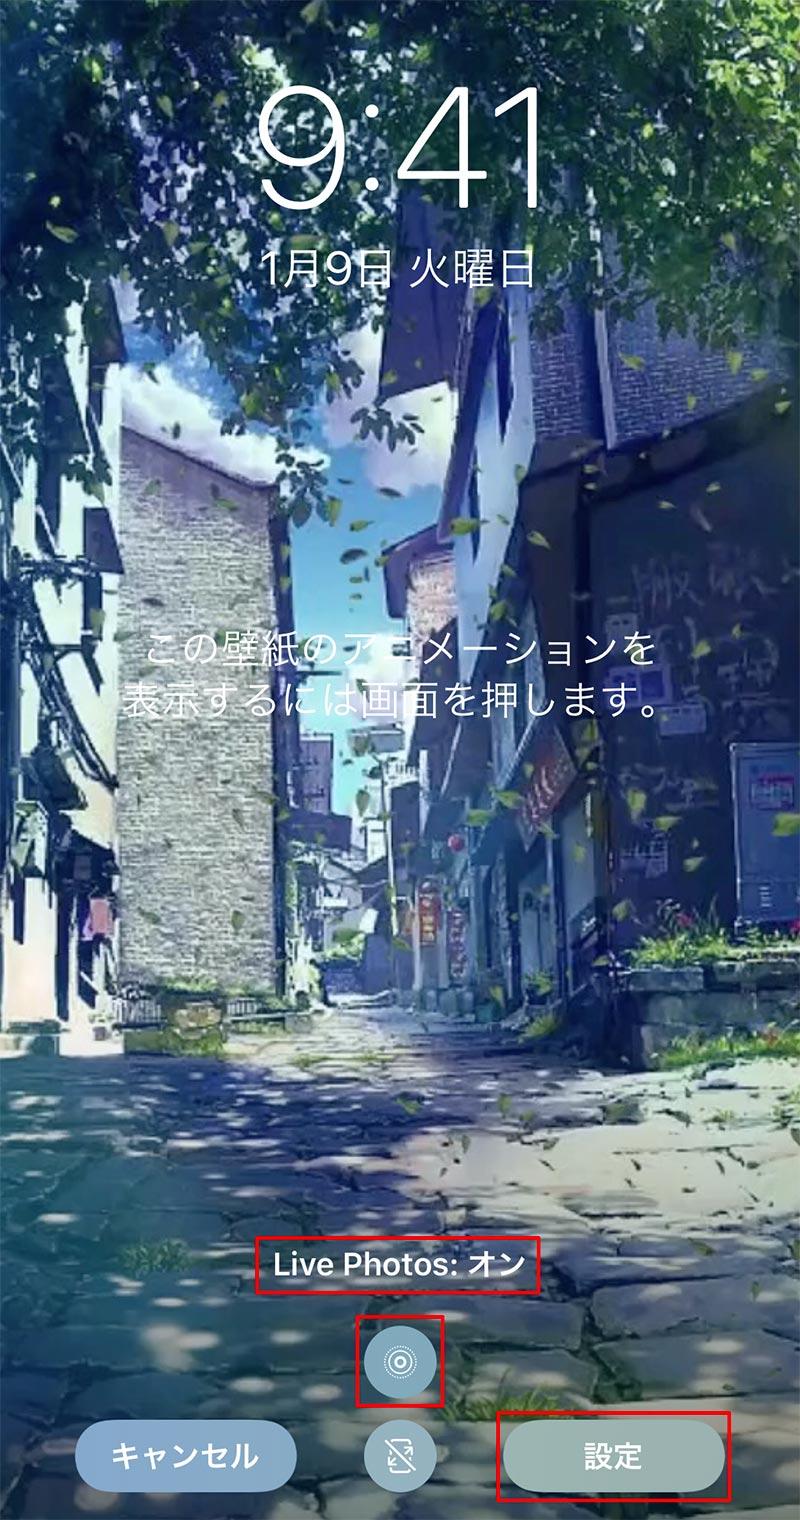 ダイナミック壁紙をiphoneの壁紙に設定する Otona Life オトナライフ Part 2